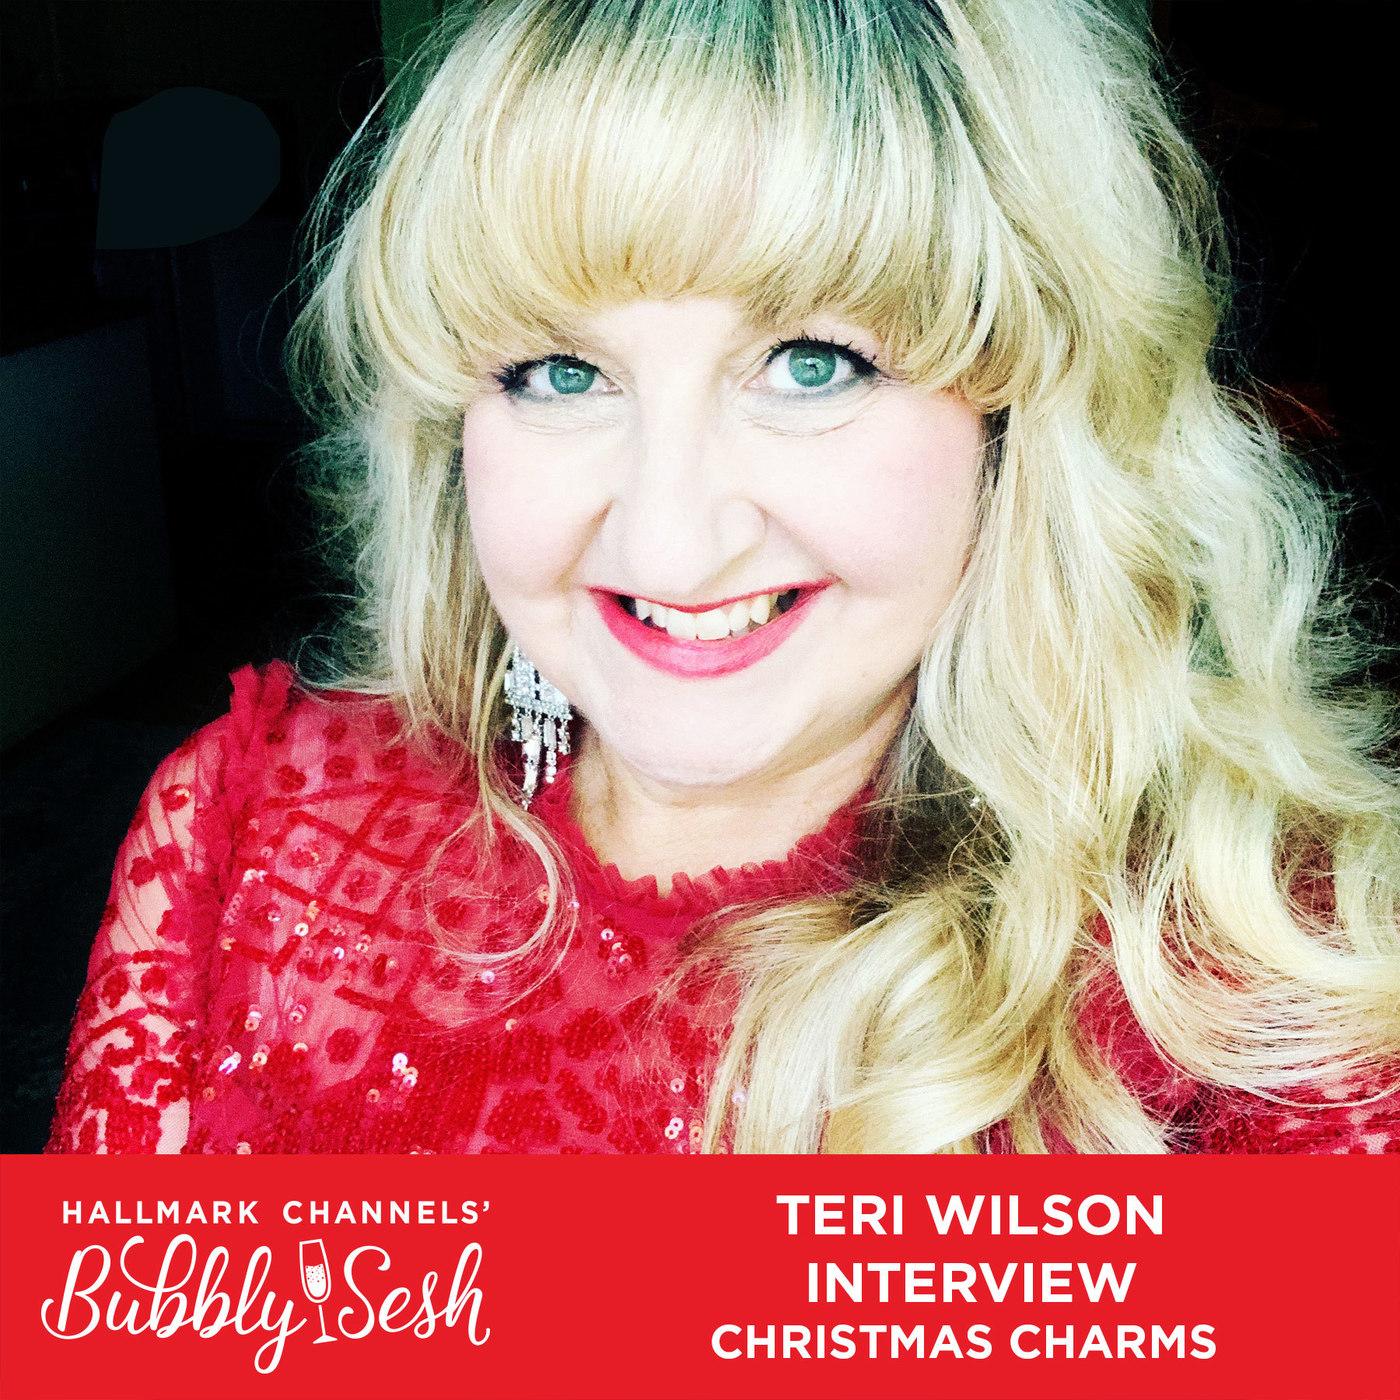 Teri Wilson Interview